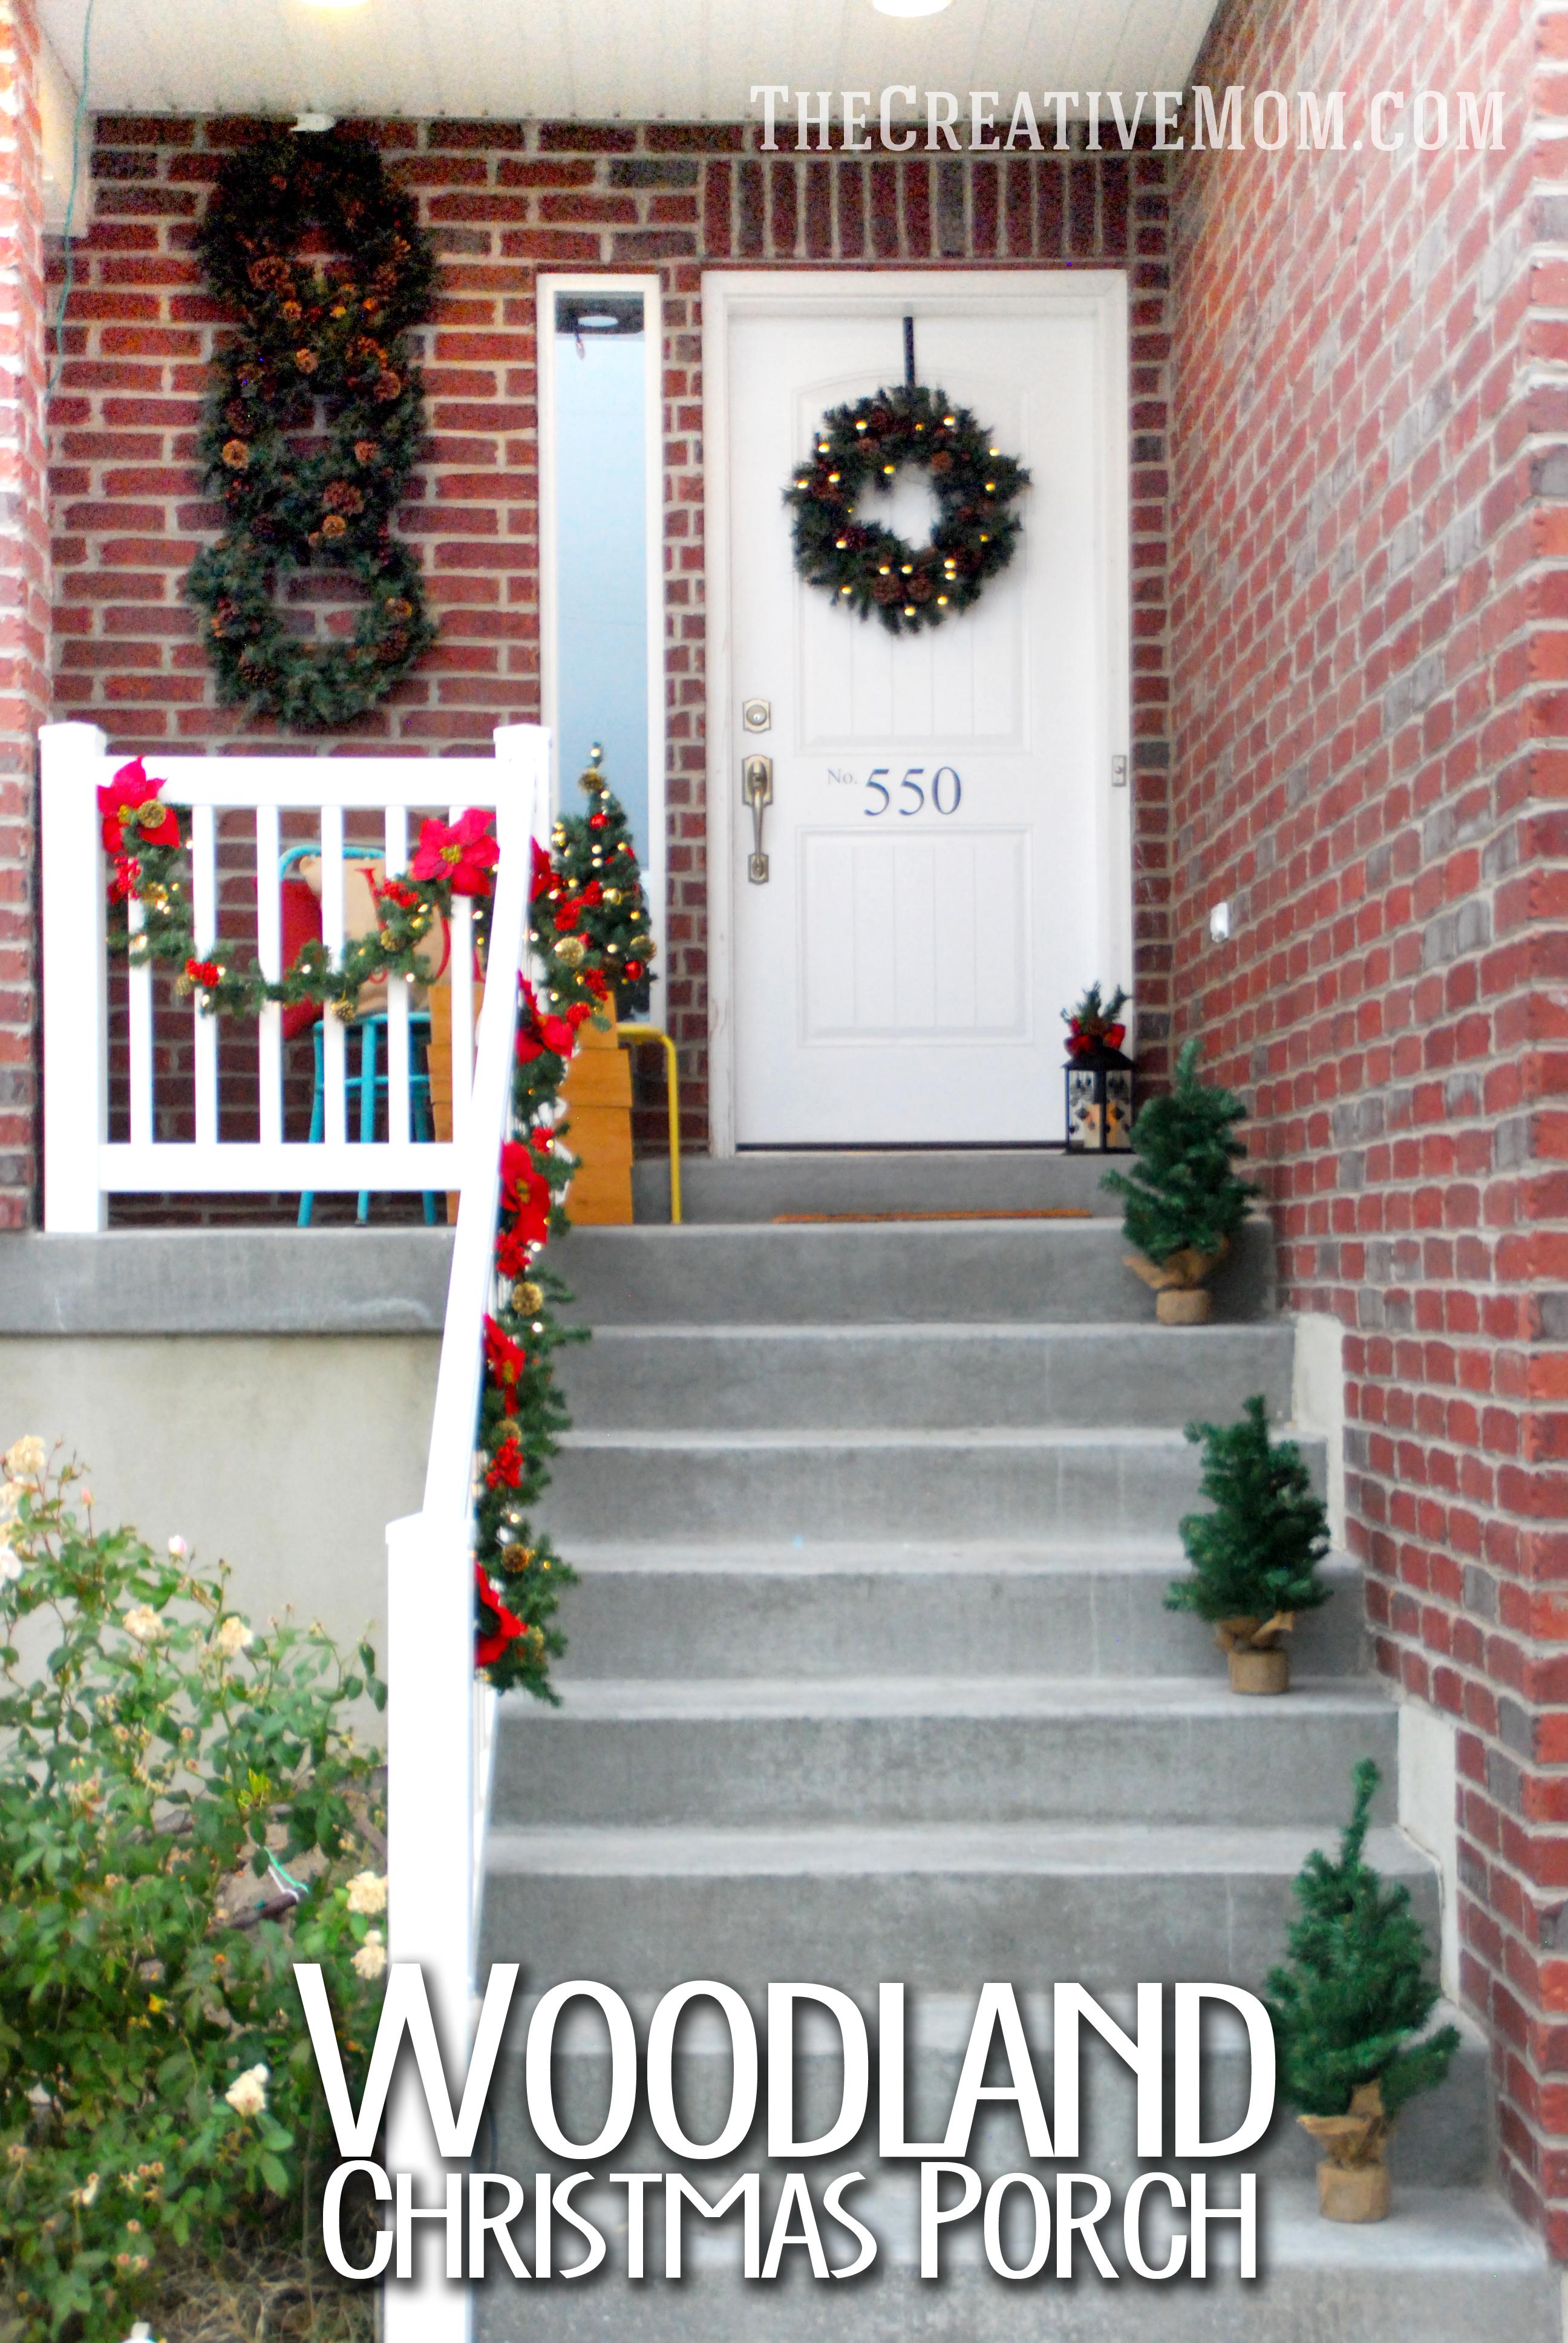 Woodland Christmas Porch